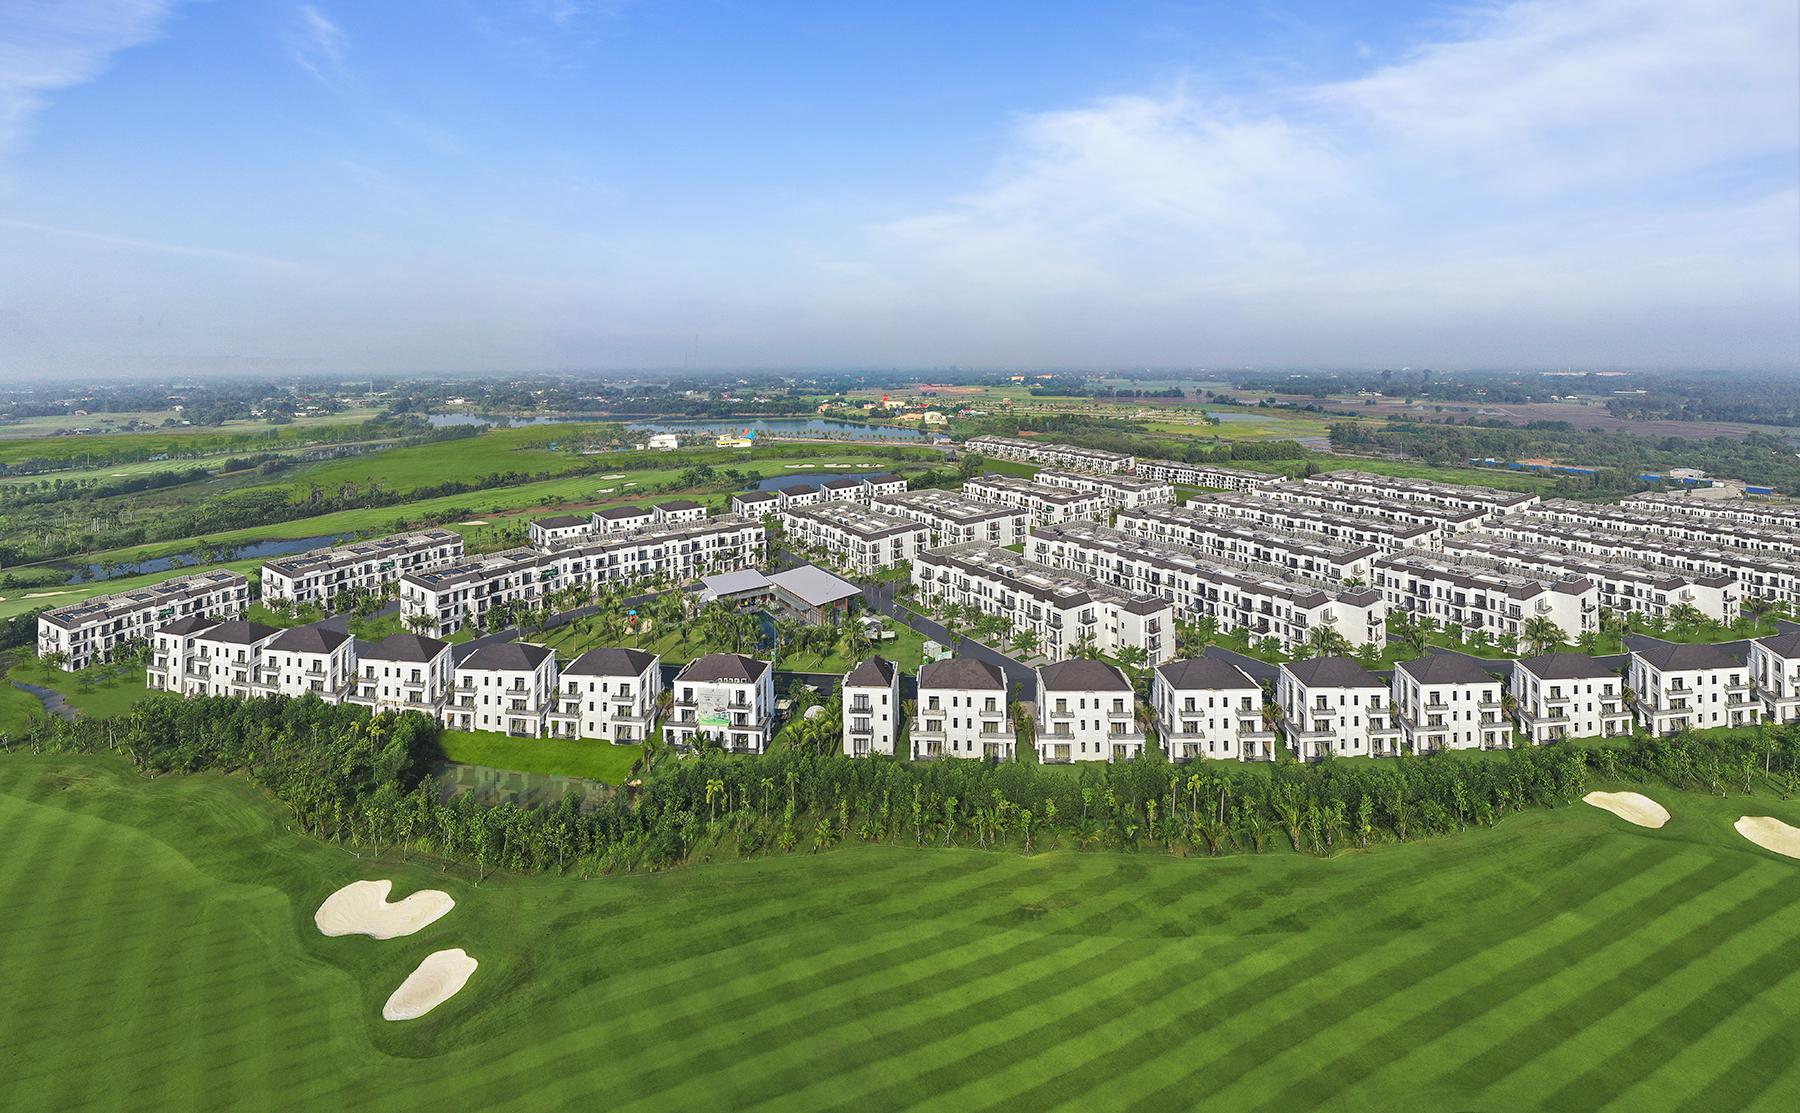 Biệt thự golf West Lakes mang đến làn gió mới cho bất động sản phía Nam. Ảnh phối cảnh: Trần Anh Group.